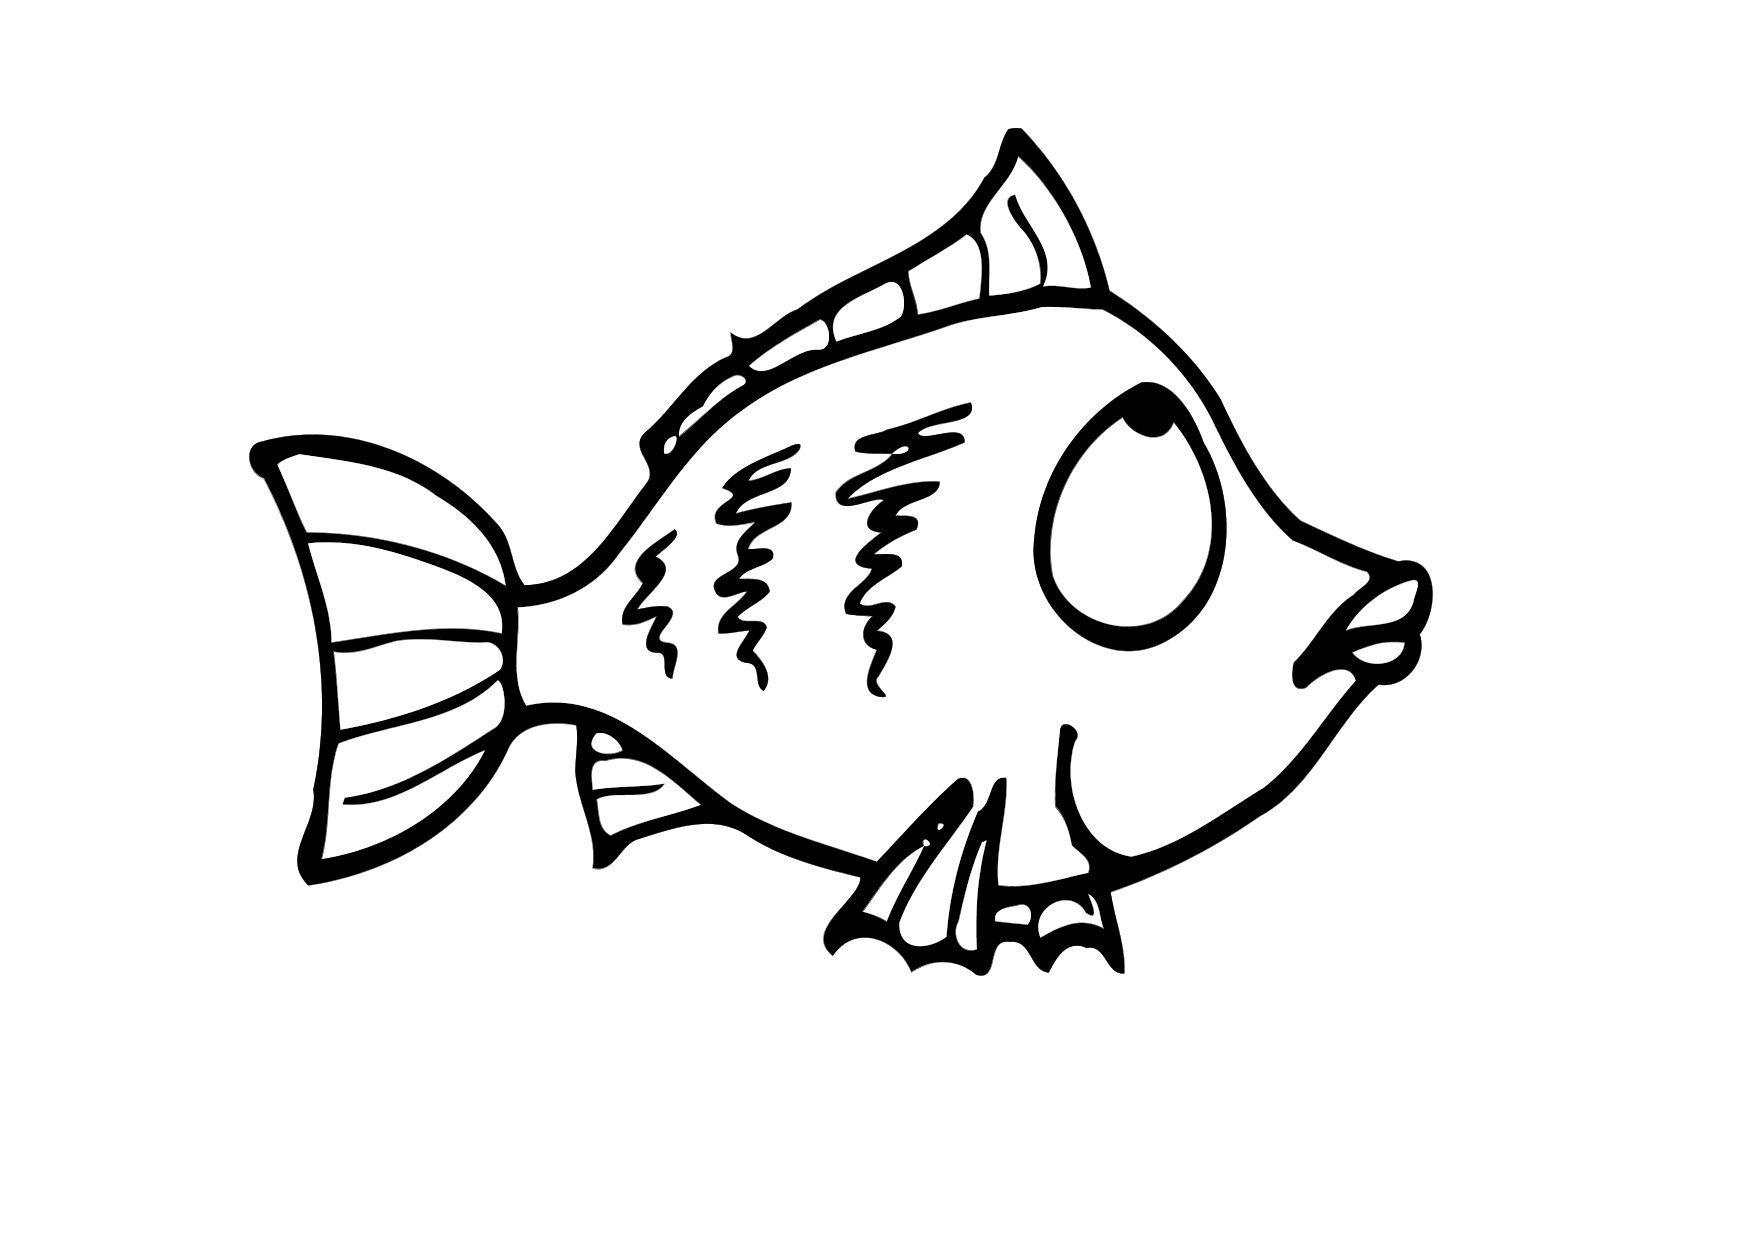 Dibujo para colorear pez img 12293 for Pesciolini da colorare e stampare